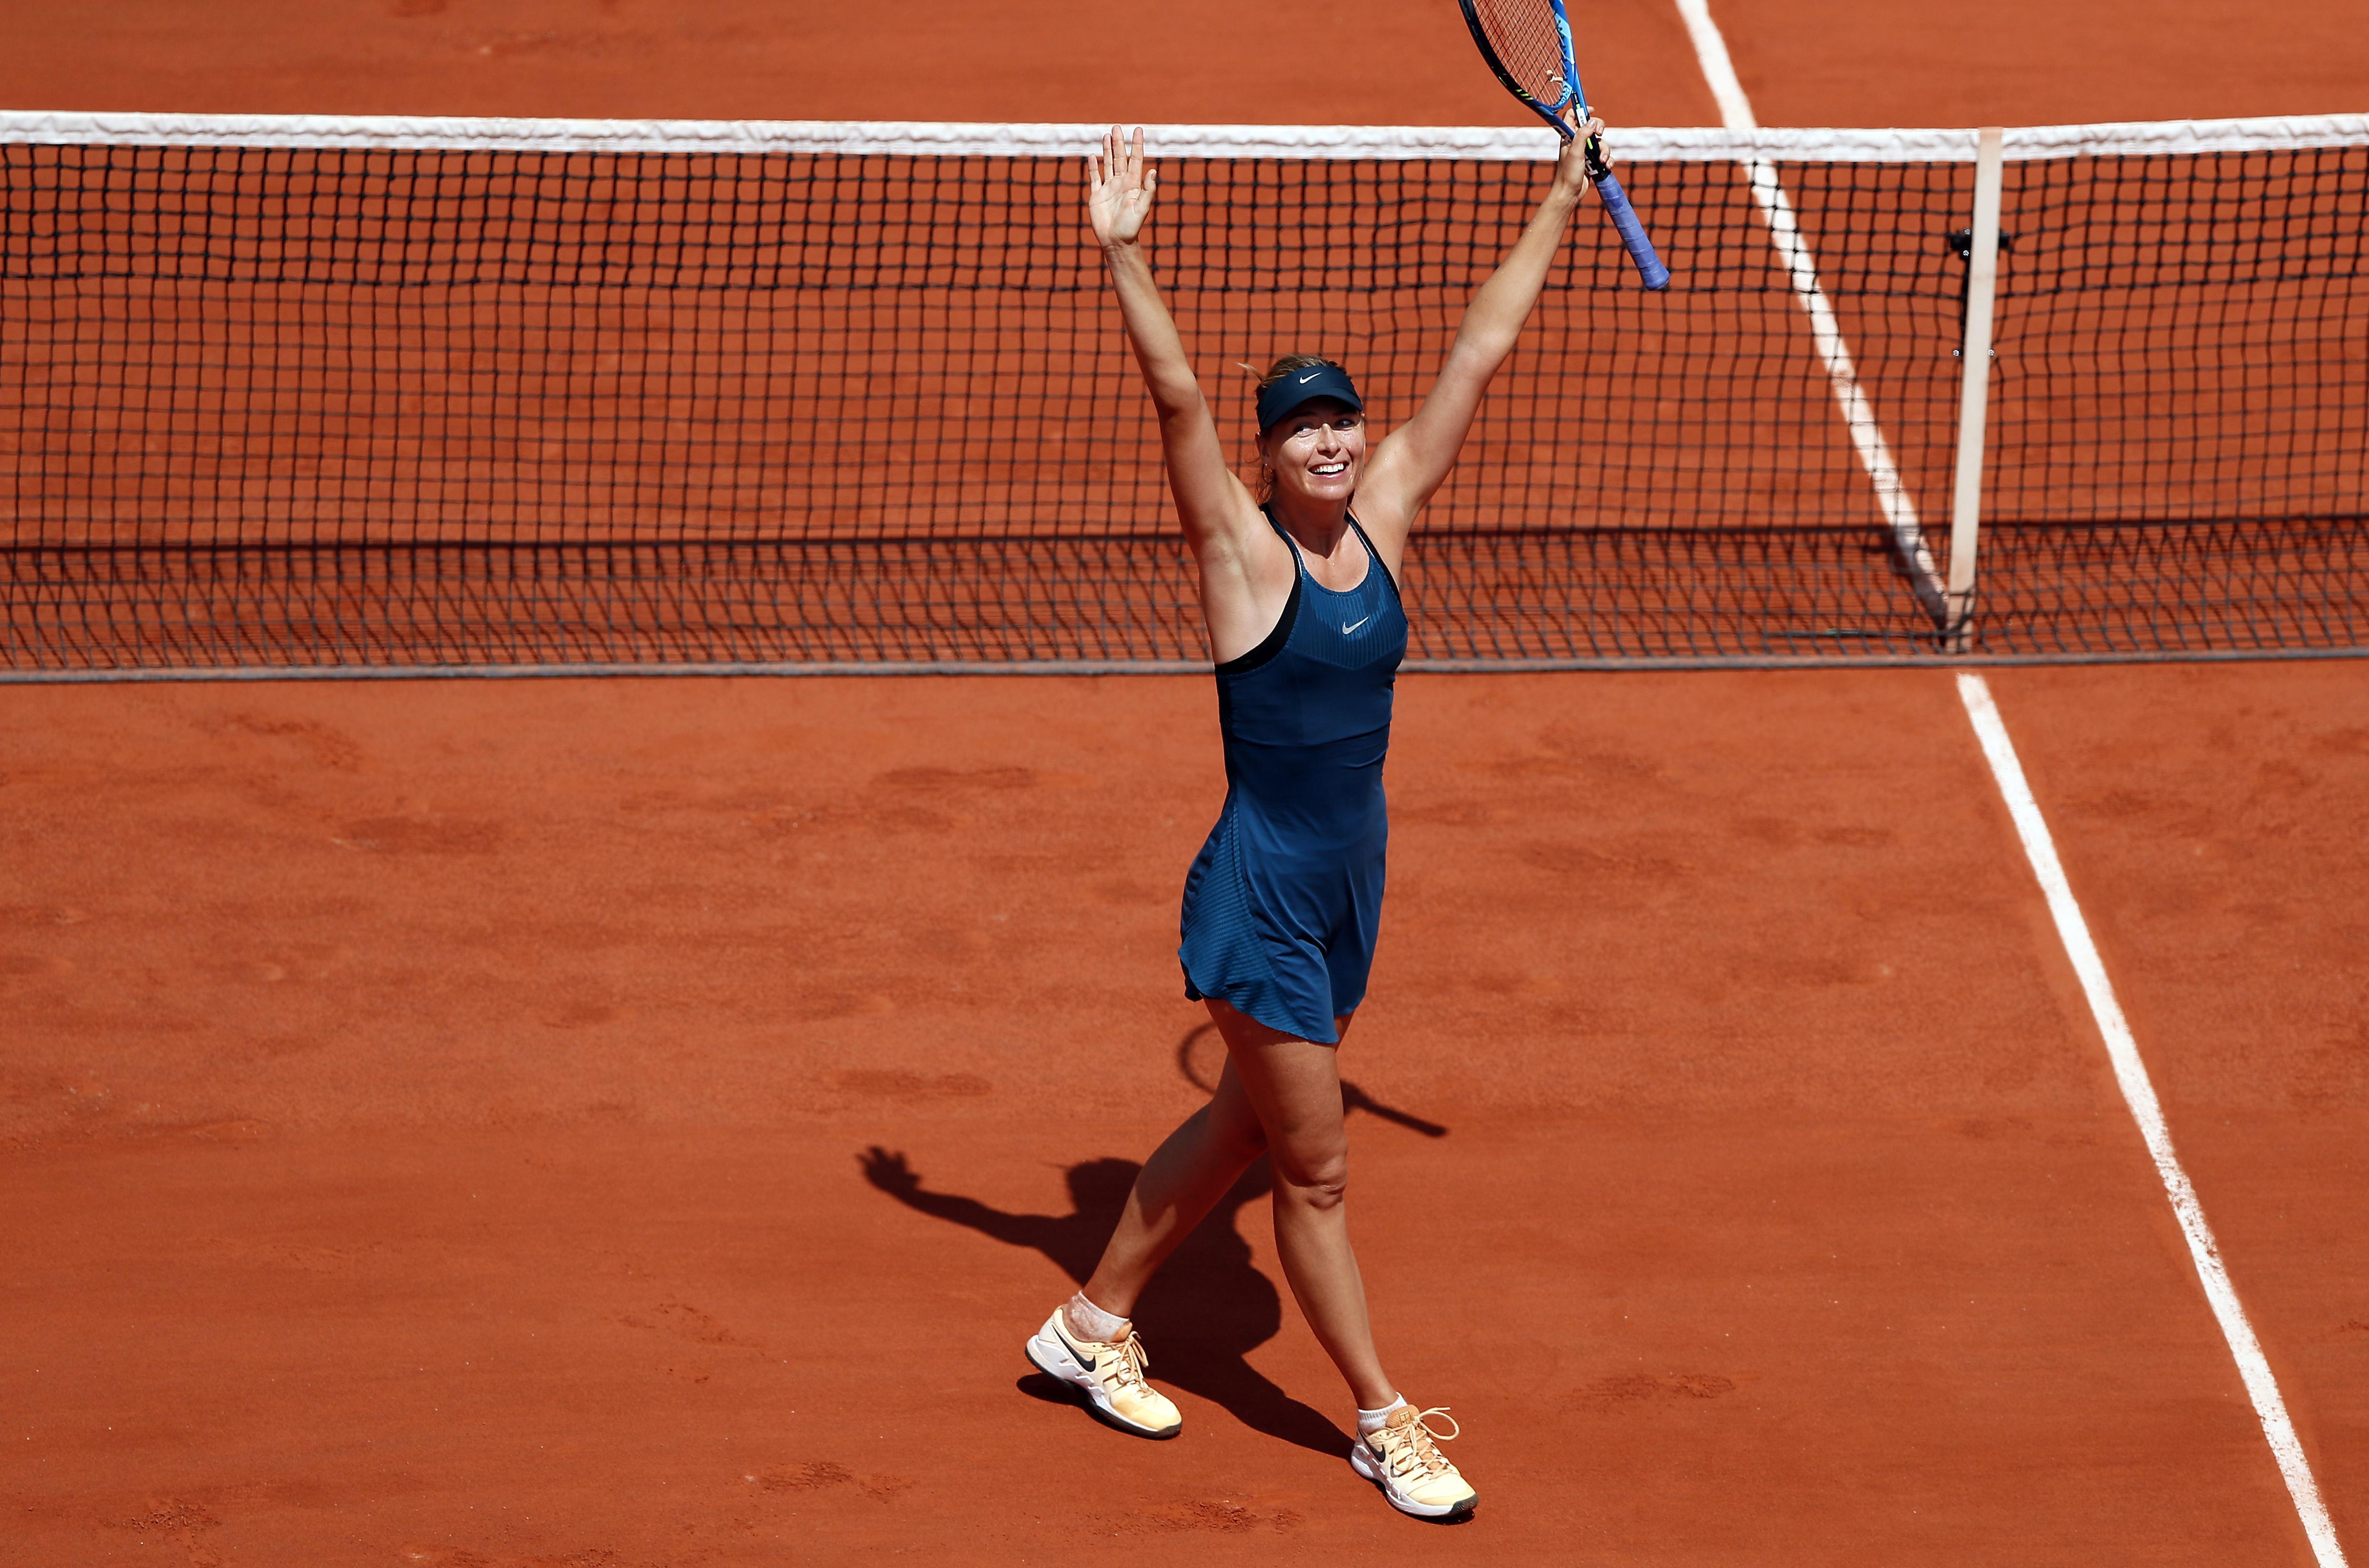 Maria Sharapova beat sixth seed Karolina Pliskova on Saturday